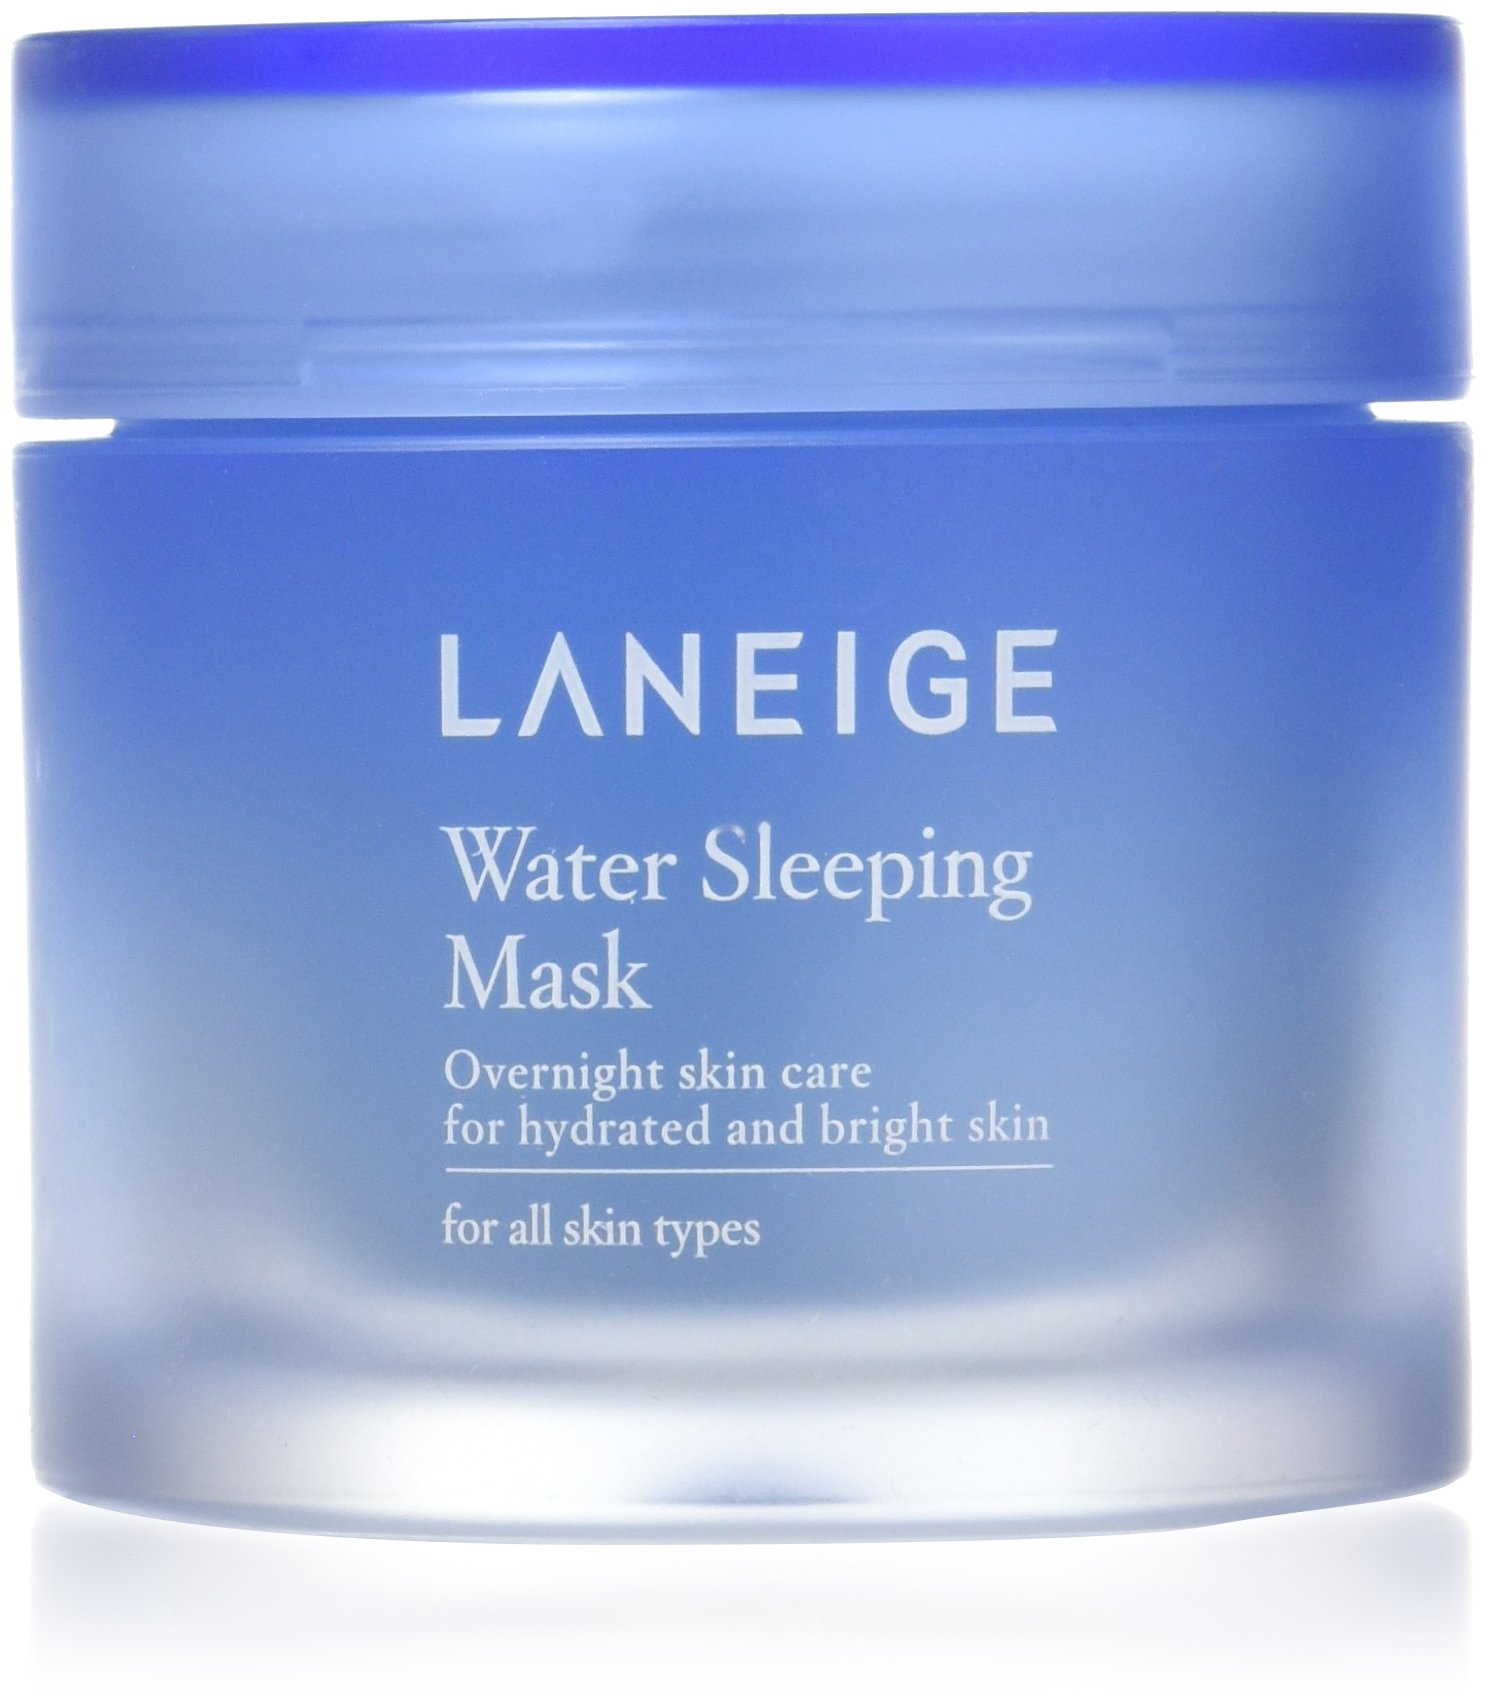 Laneige Water Sleeping Mask, 2.37 Ounce